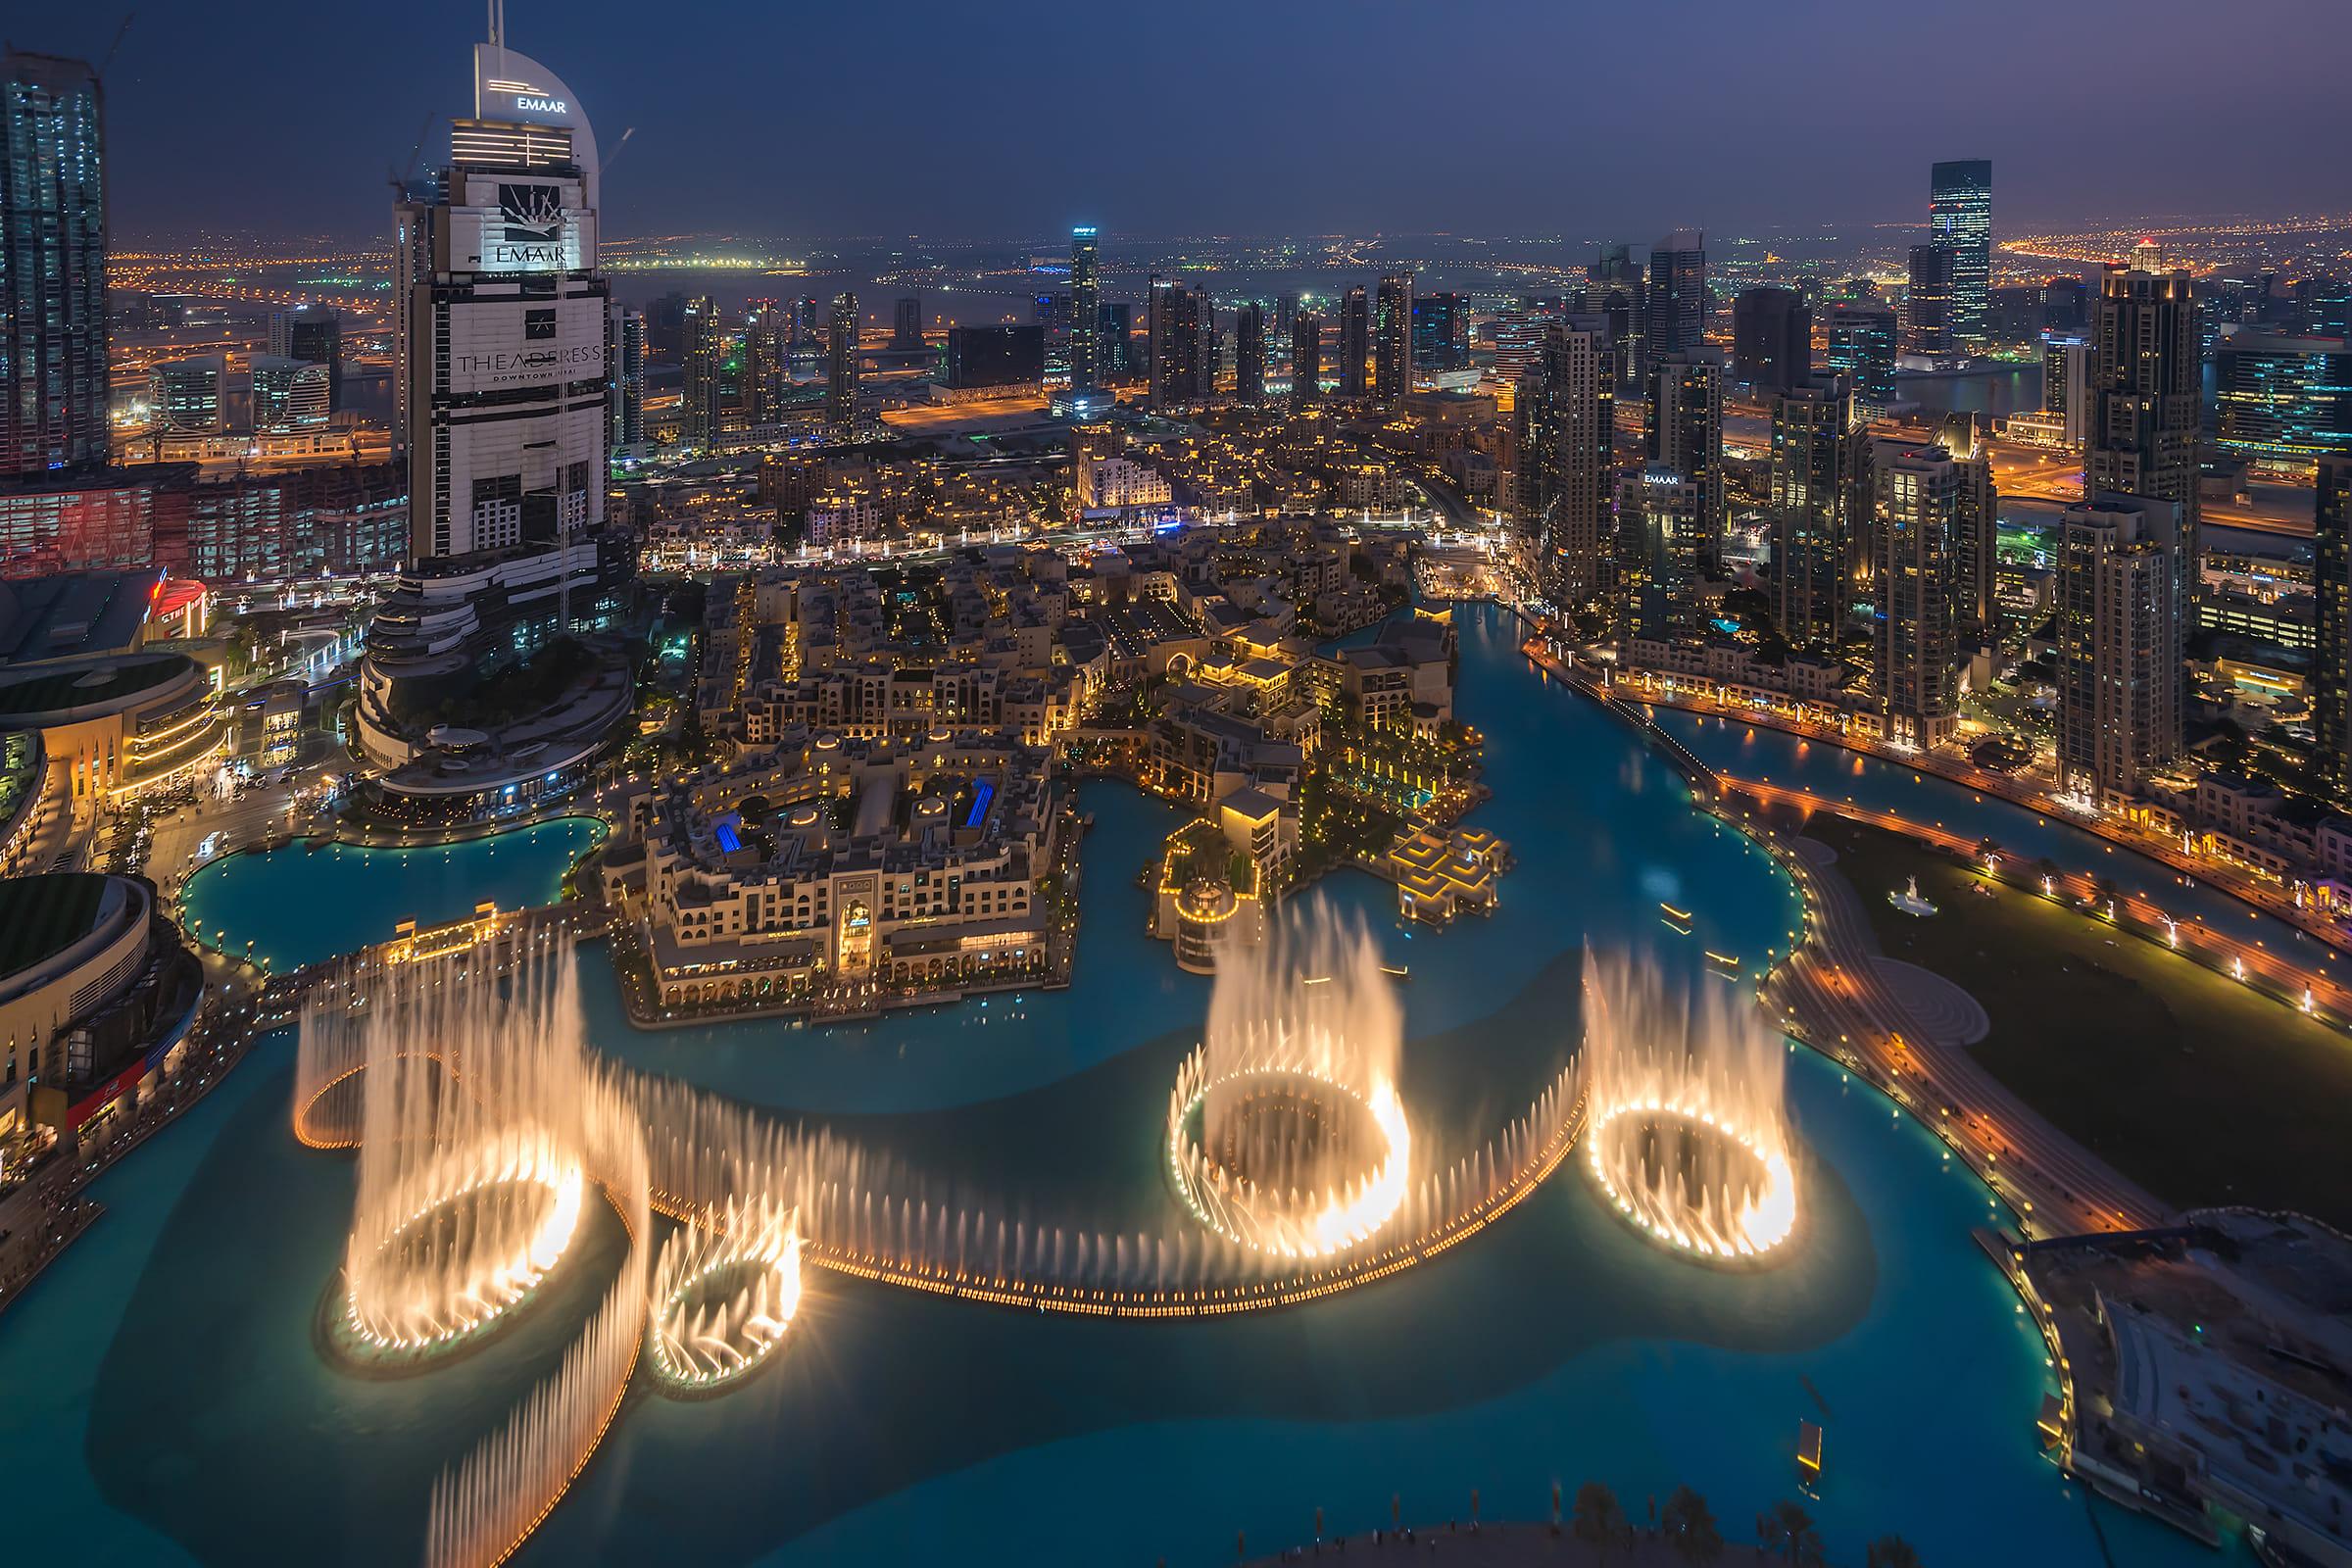 Burj Khalifa Penthouse, Downtown